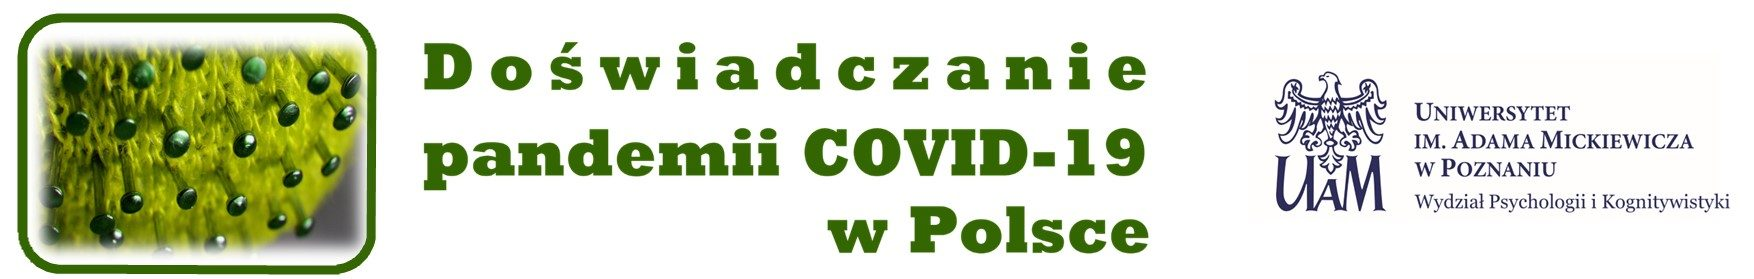 DOŚWIADCZANIE PANDEMII COVID-19 W POLSCE